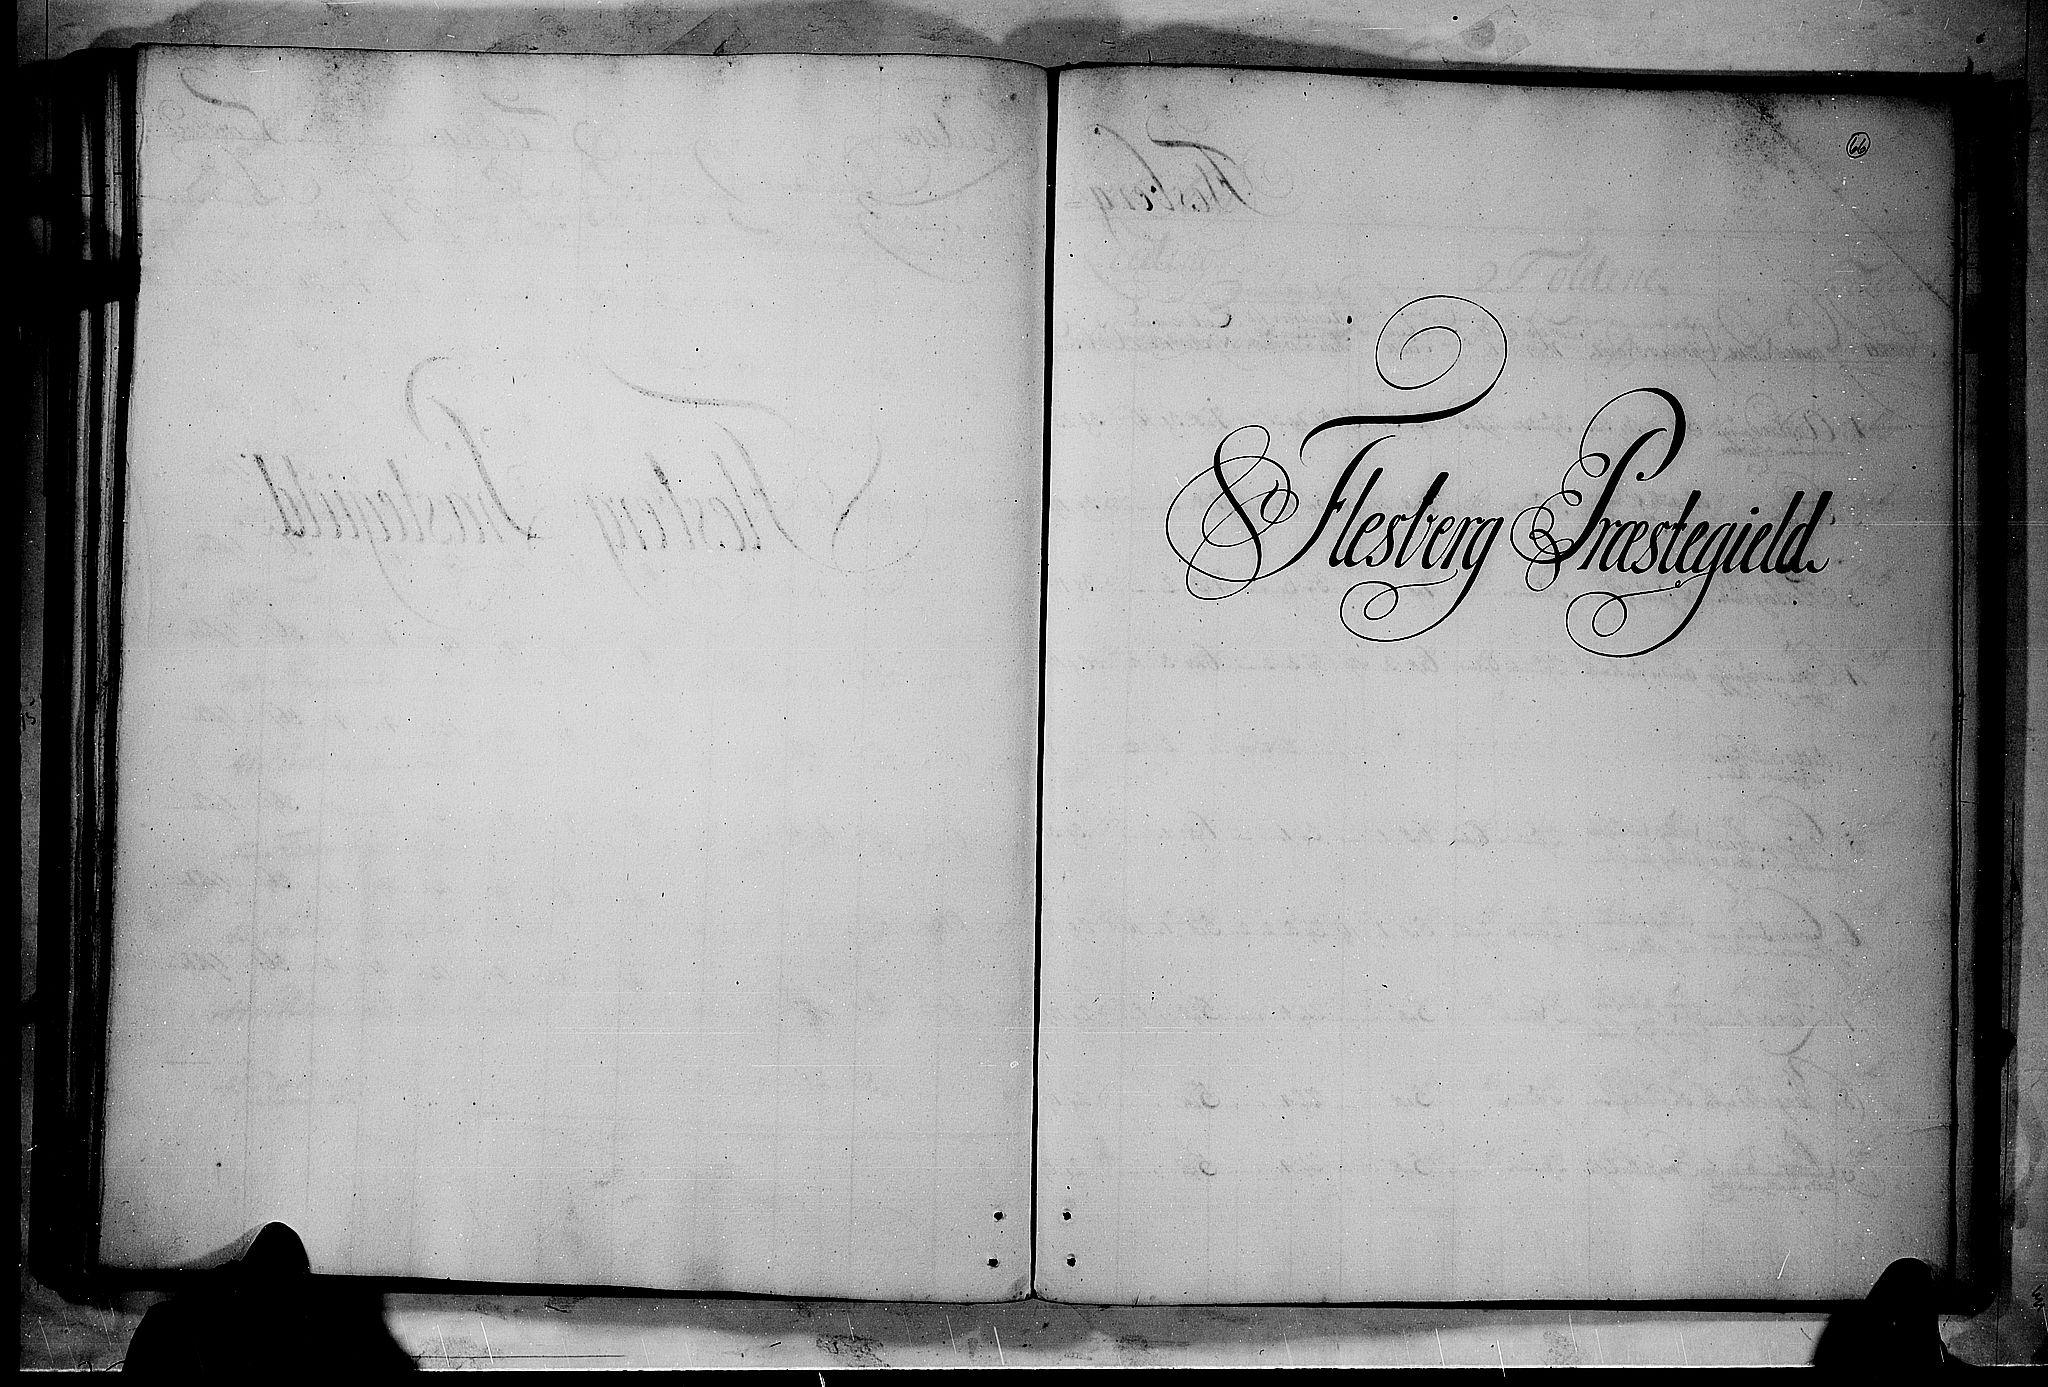 RA, Rentekammeret inntil 1814, Realistisk ordnet avdeling, N/Nb/Nbf/L0114: Numedal og Sandsvær matrikkelprotokoll, 1723, s. 65b-66a